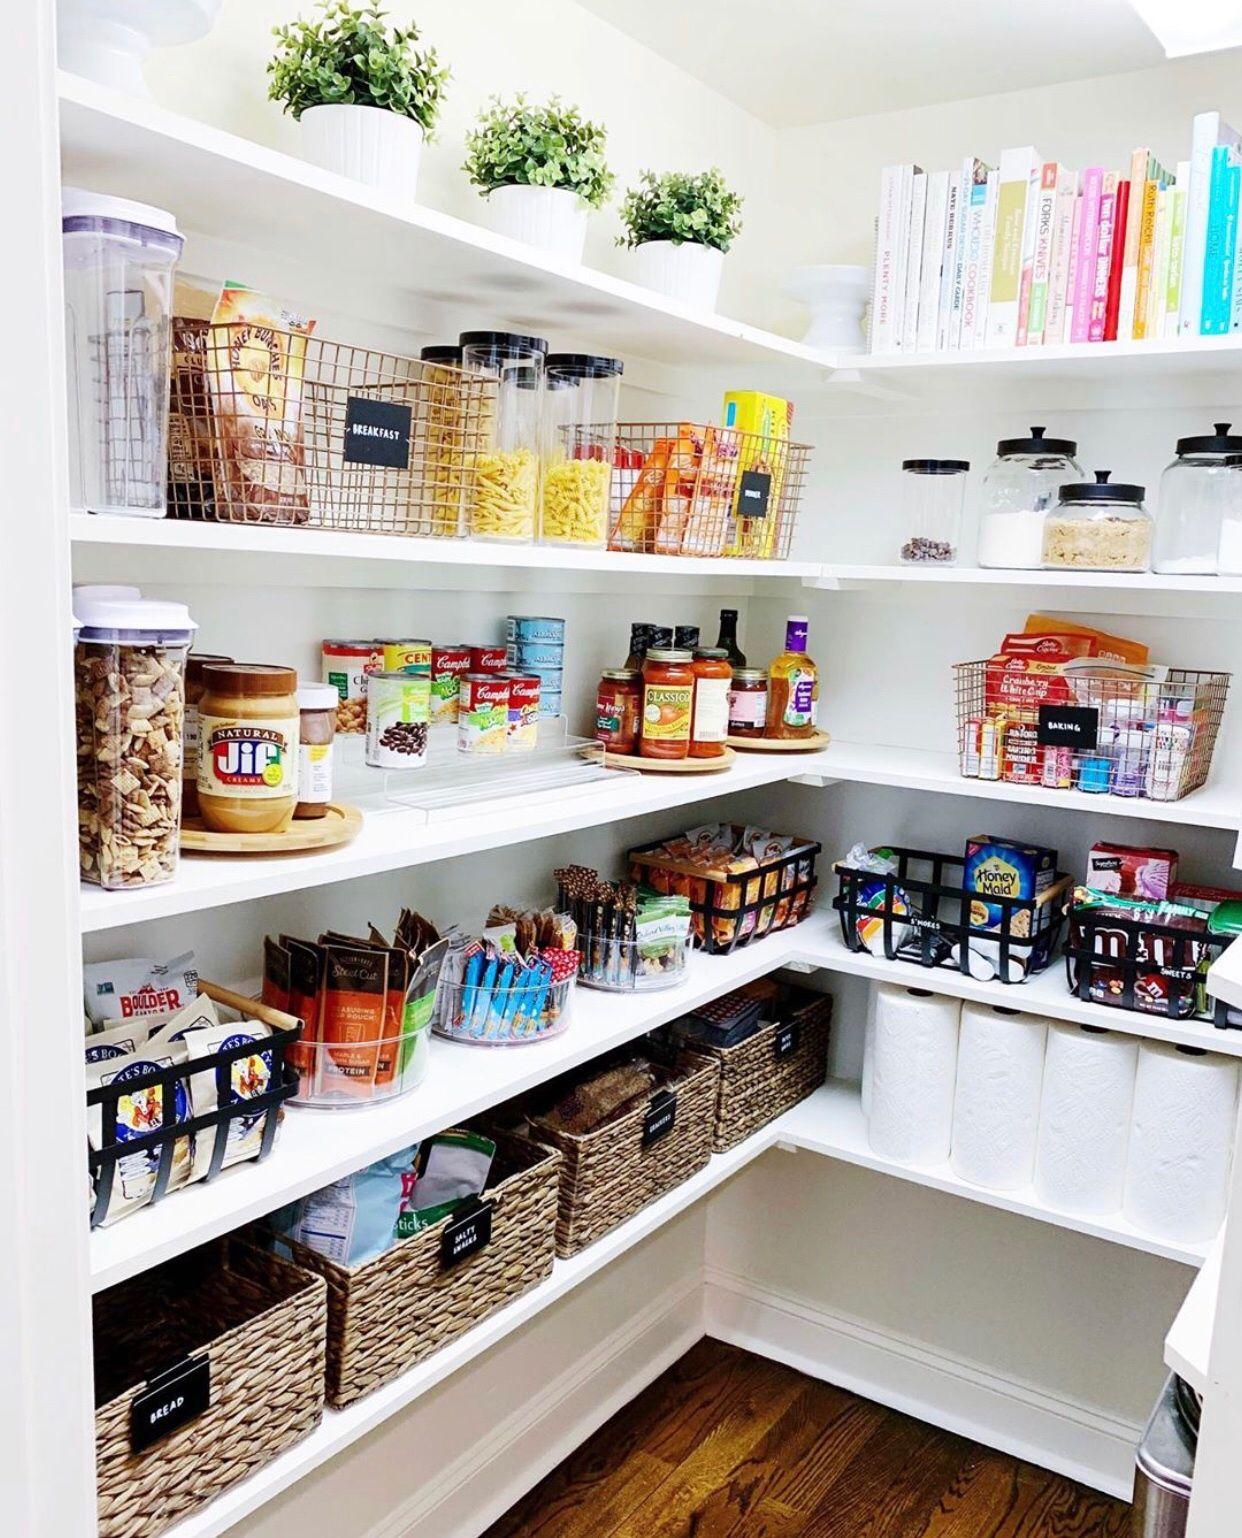 shop in 2019 kitchen organization kitchen pantry kitchen decor on kitchen decor organization id=78660